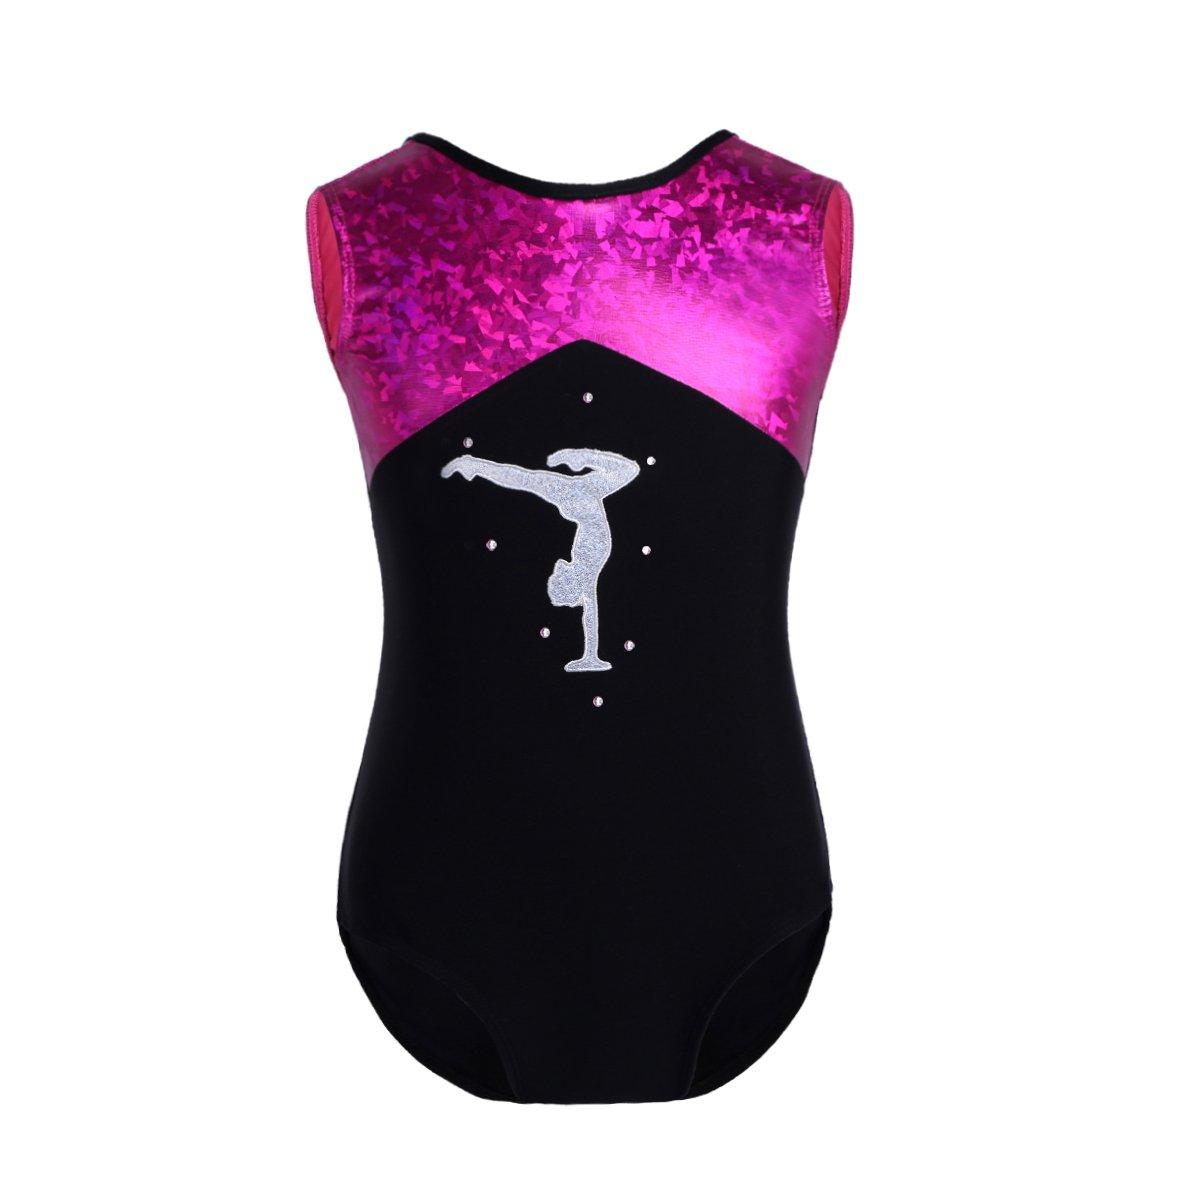 Freebily Maillot Clásico de Danza Ballet Gimnasia para Niña Chica Leotardo Body Mono de Ballet Cómodo y Transpirable